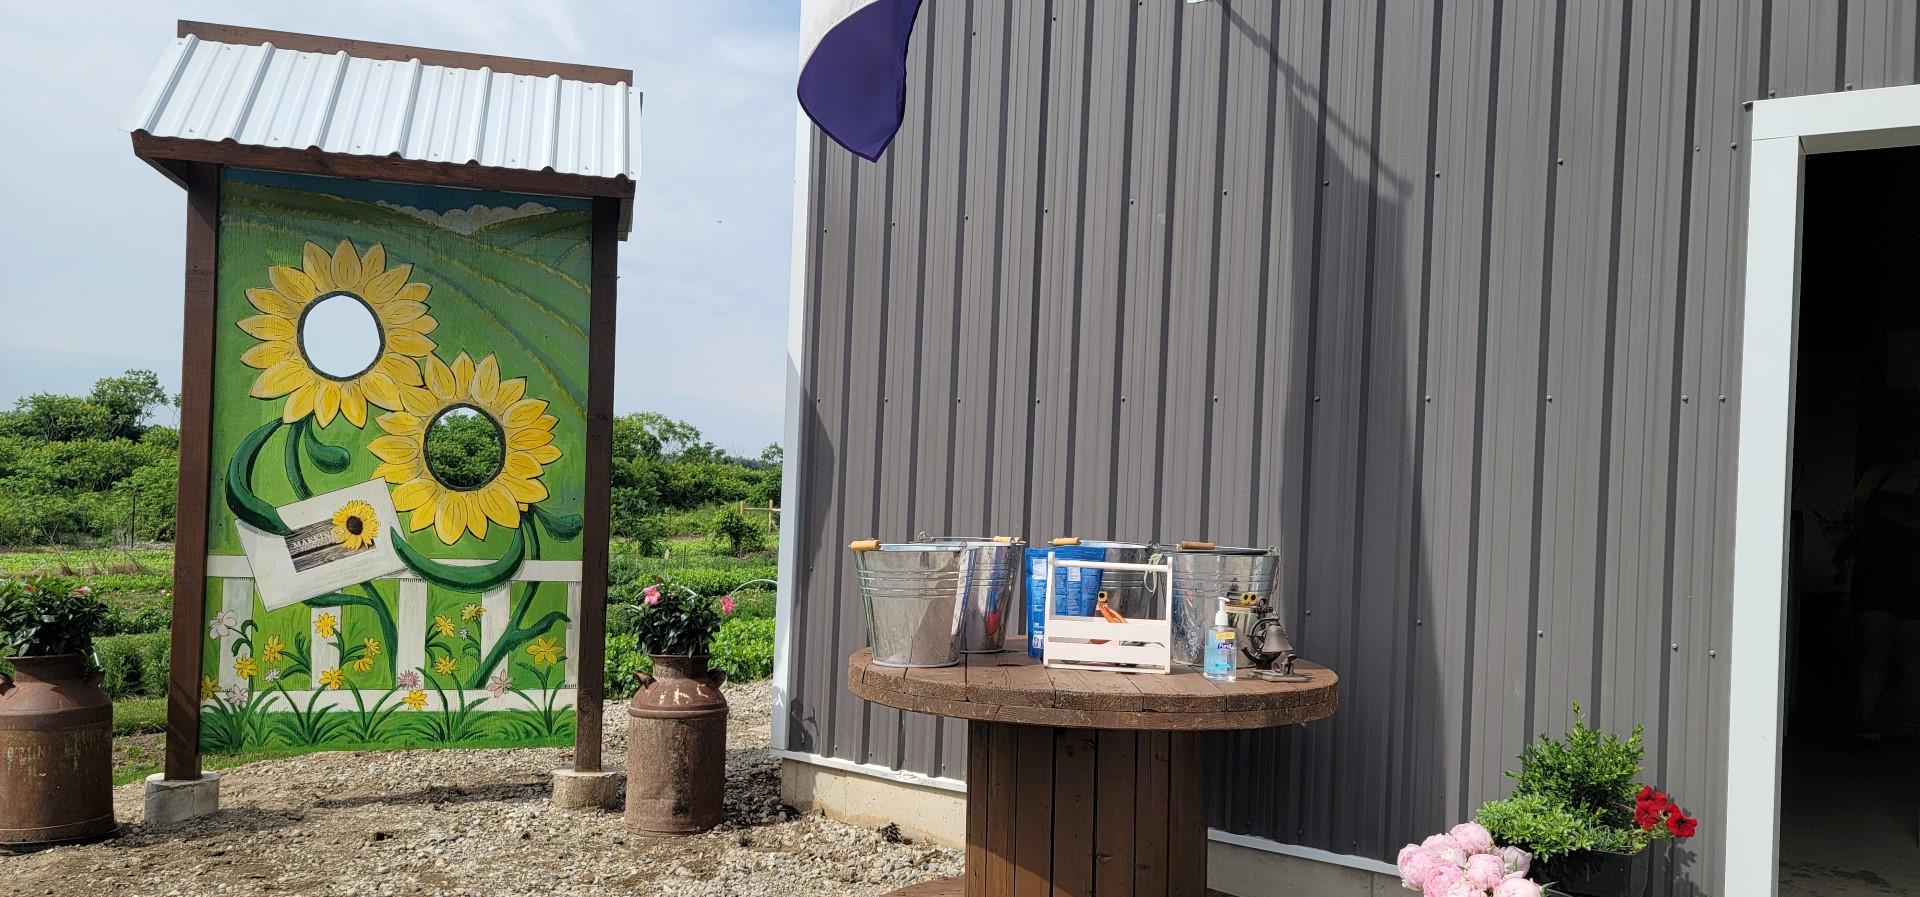 Makkink's Flower Farm entrance